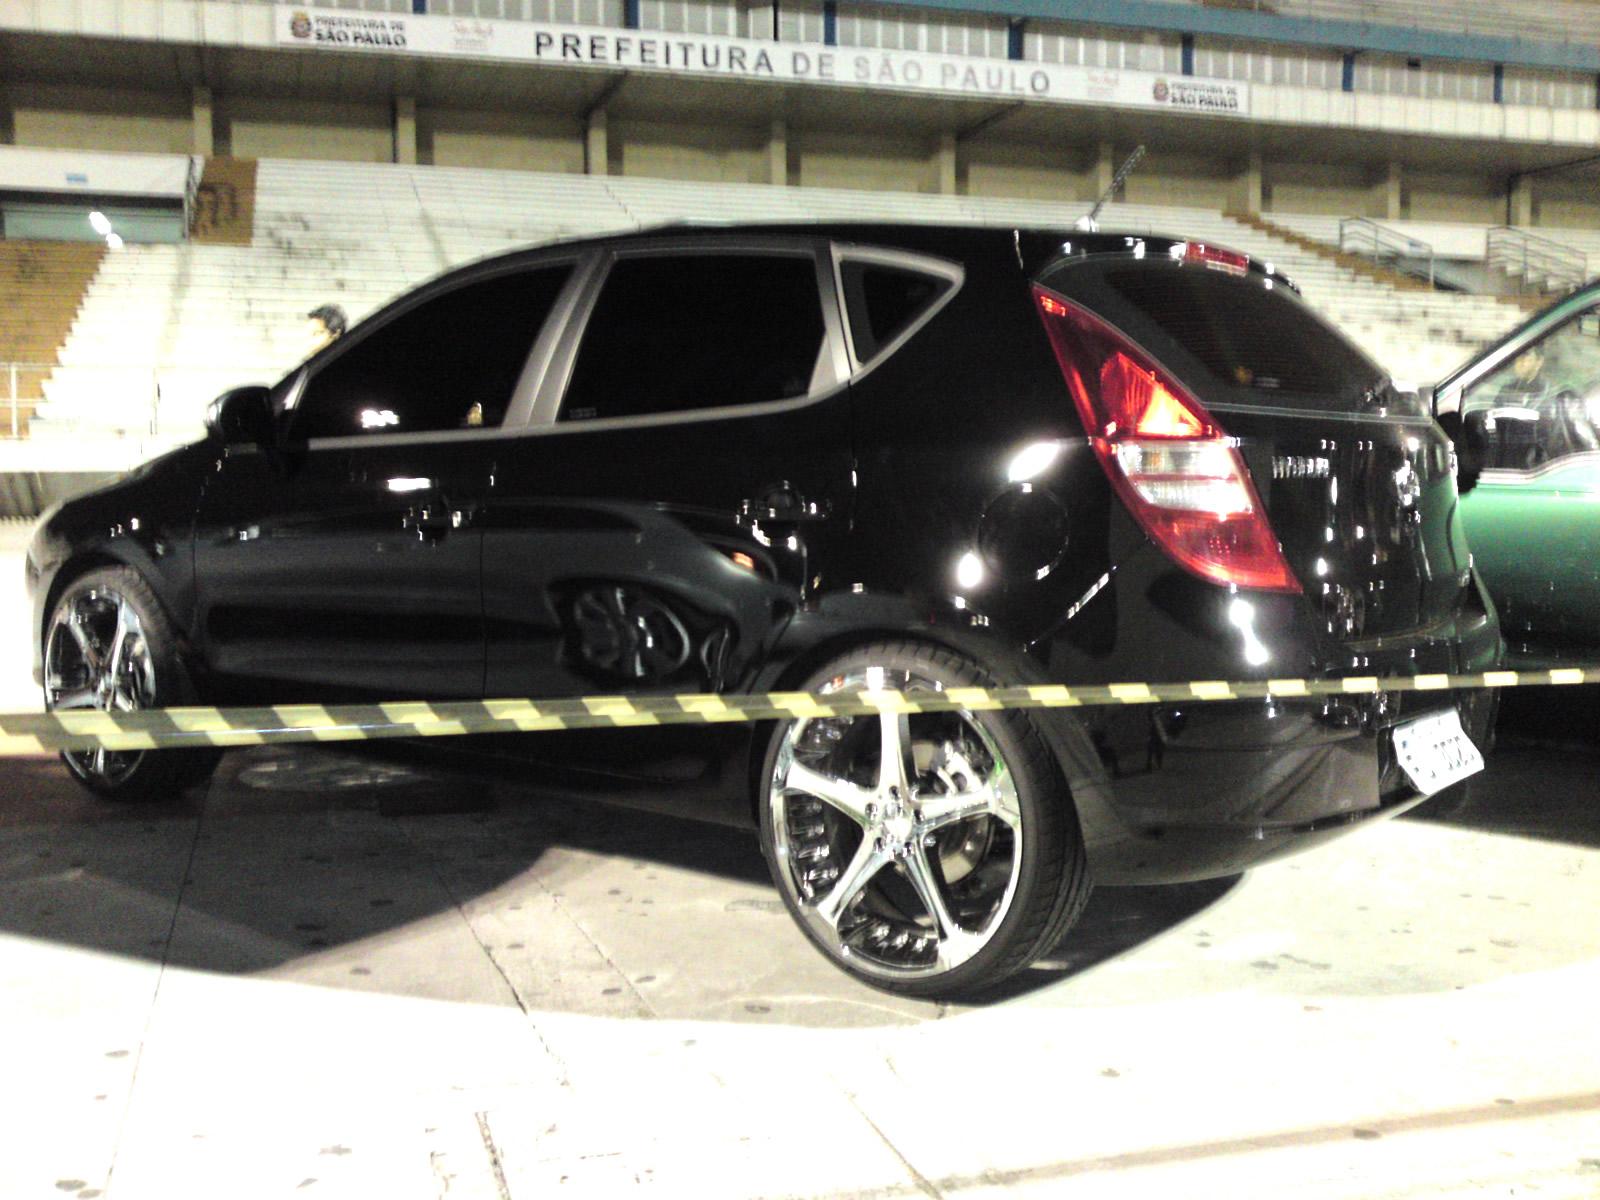 http://2.bp.blogspot.com/_vY3COZl9LT8/TNSGQenSmQI/AAAAAAAAFrc/HswAH0GjJuw/s1600/Hyundai+-+I30+rodas+Cromadas.JPG